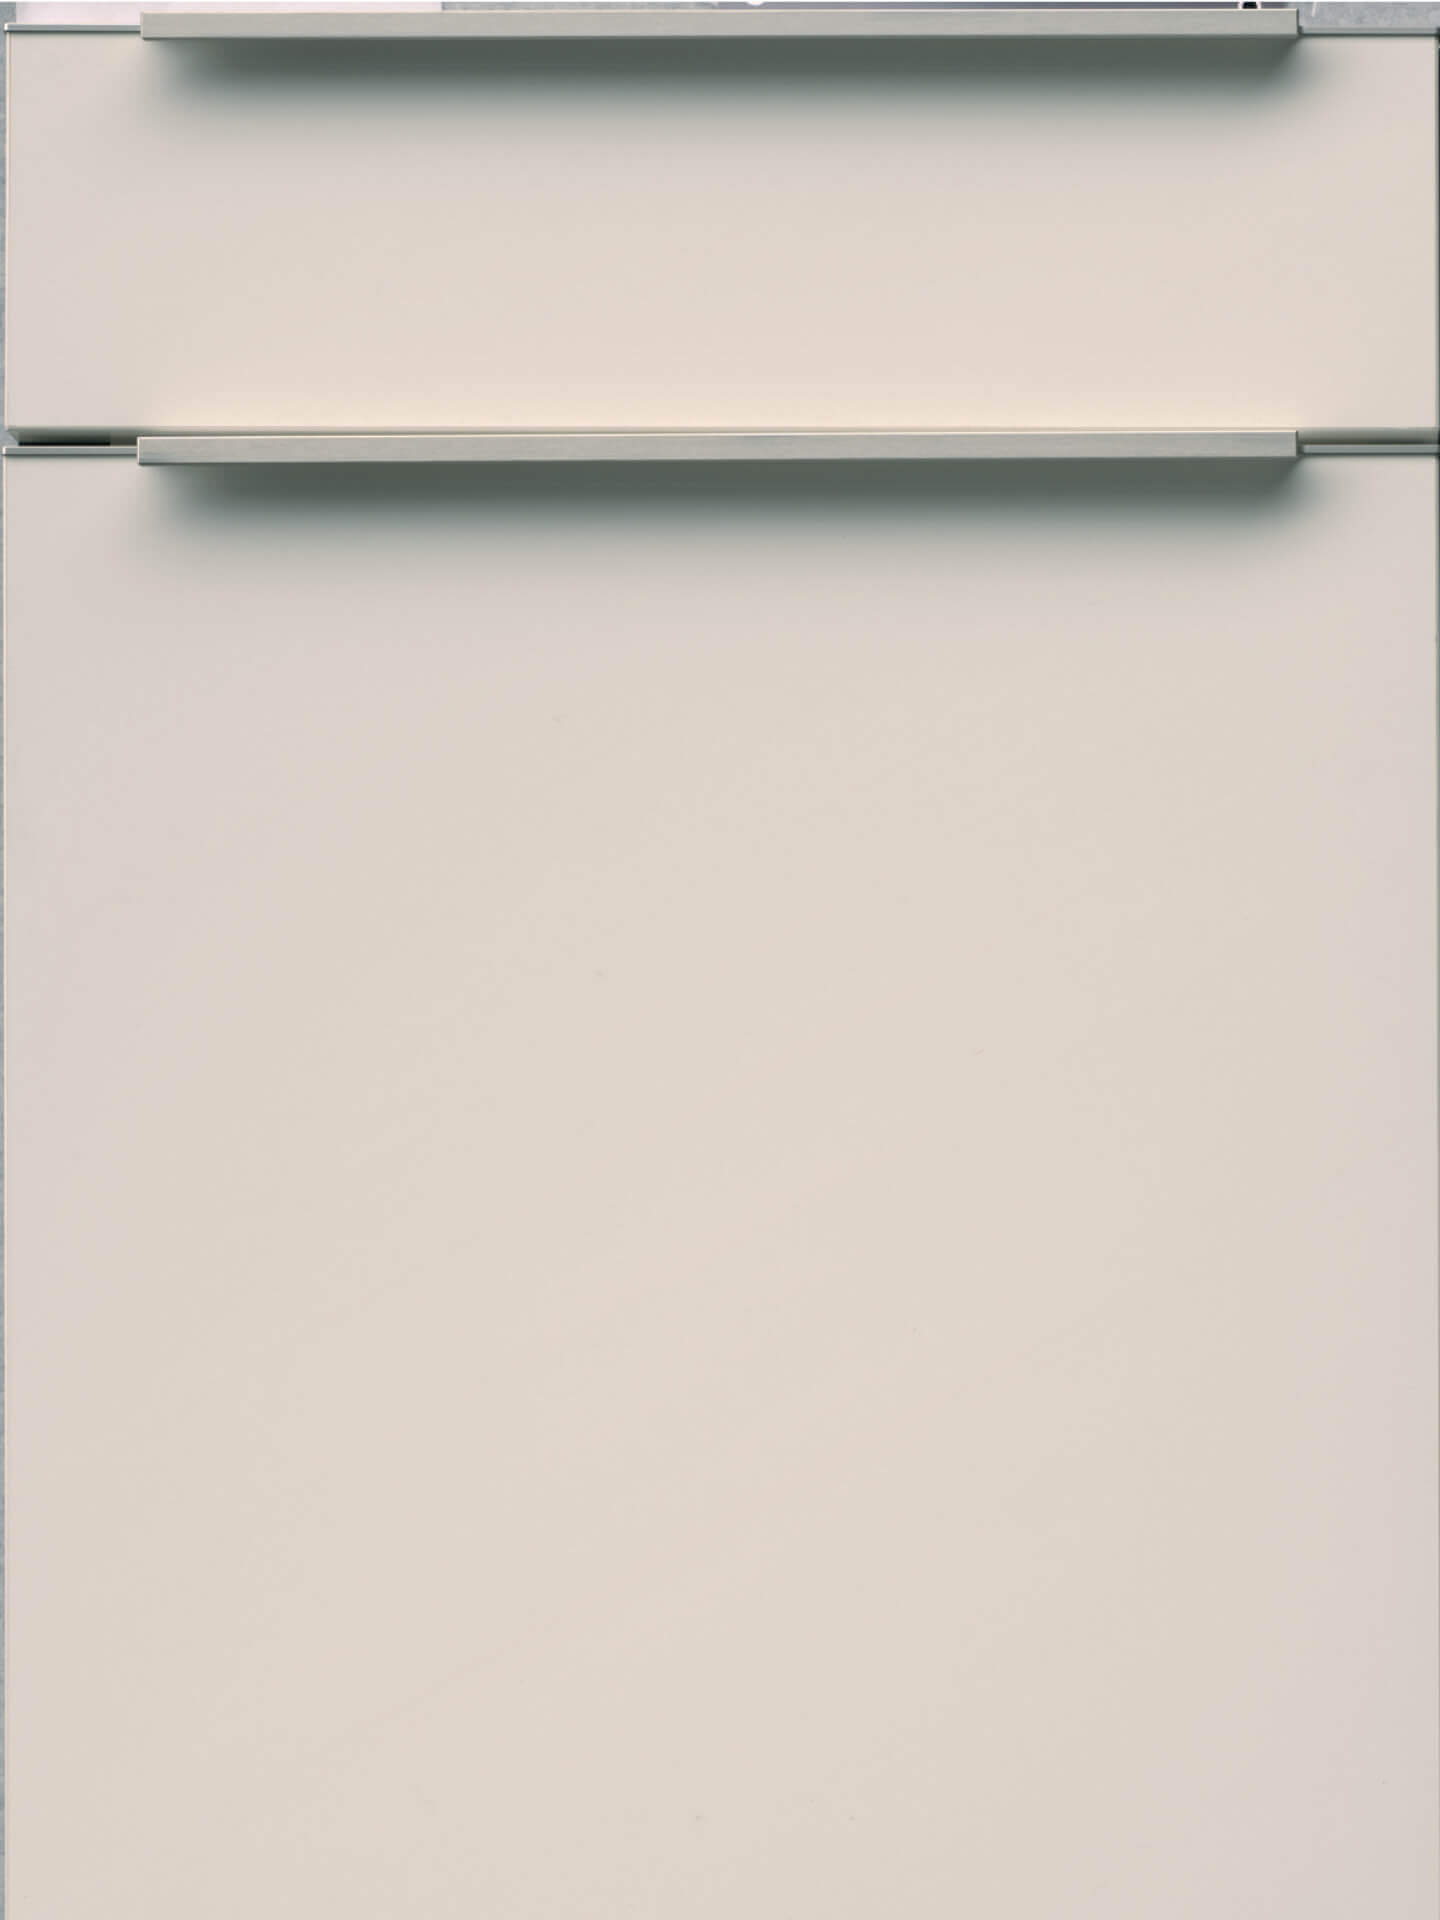 Full Size of Küche Griffe Ffnungssysteme Fr Ihre Kche Ratiomat Sonoma Eiche Grillplatte Einbauküche Mit Elektrogeräten Rollwagen Mintgrün Müllschrank Bodenfliesen Wohnzimmer Küche Griffe